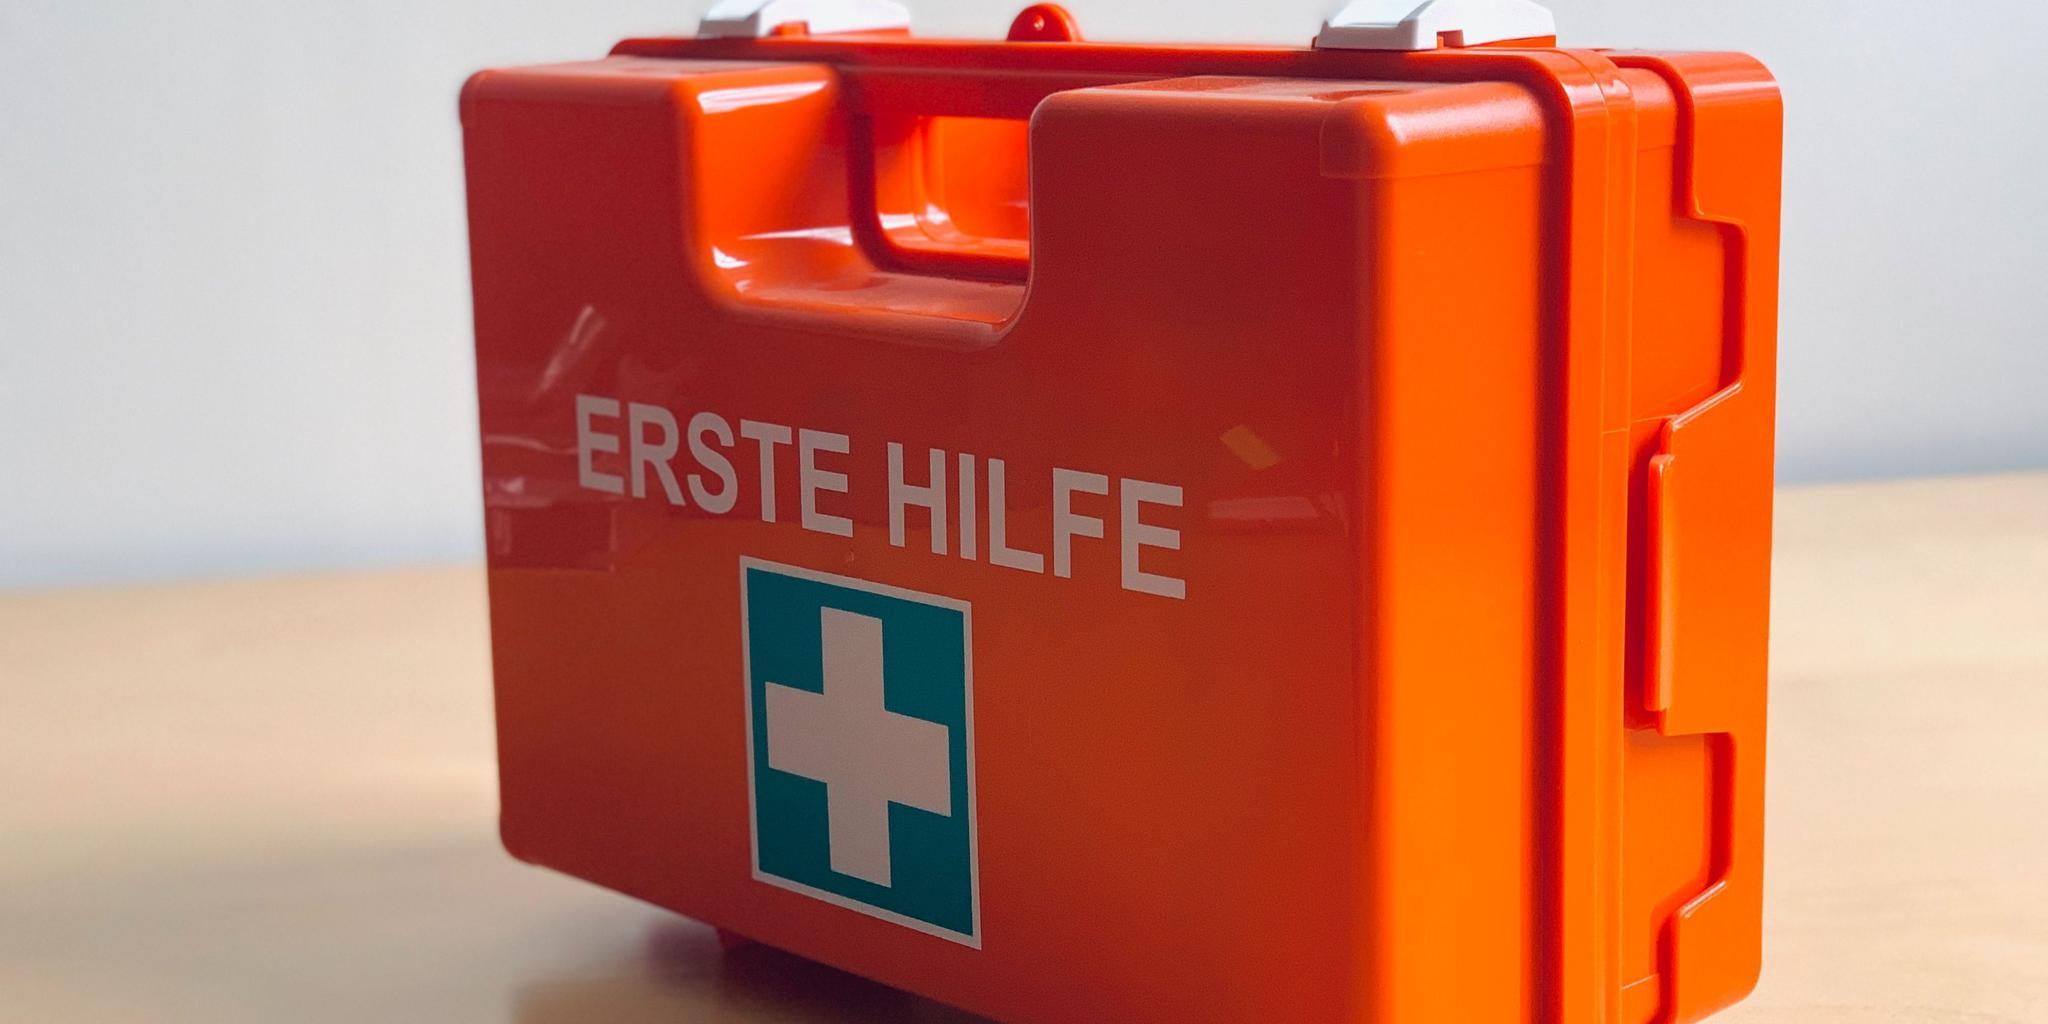 Bild eines orangenen Erste Hilfe Koffers